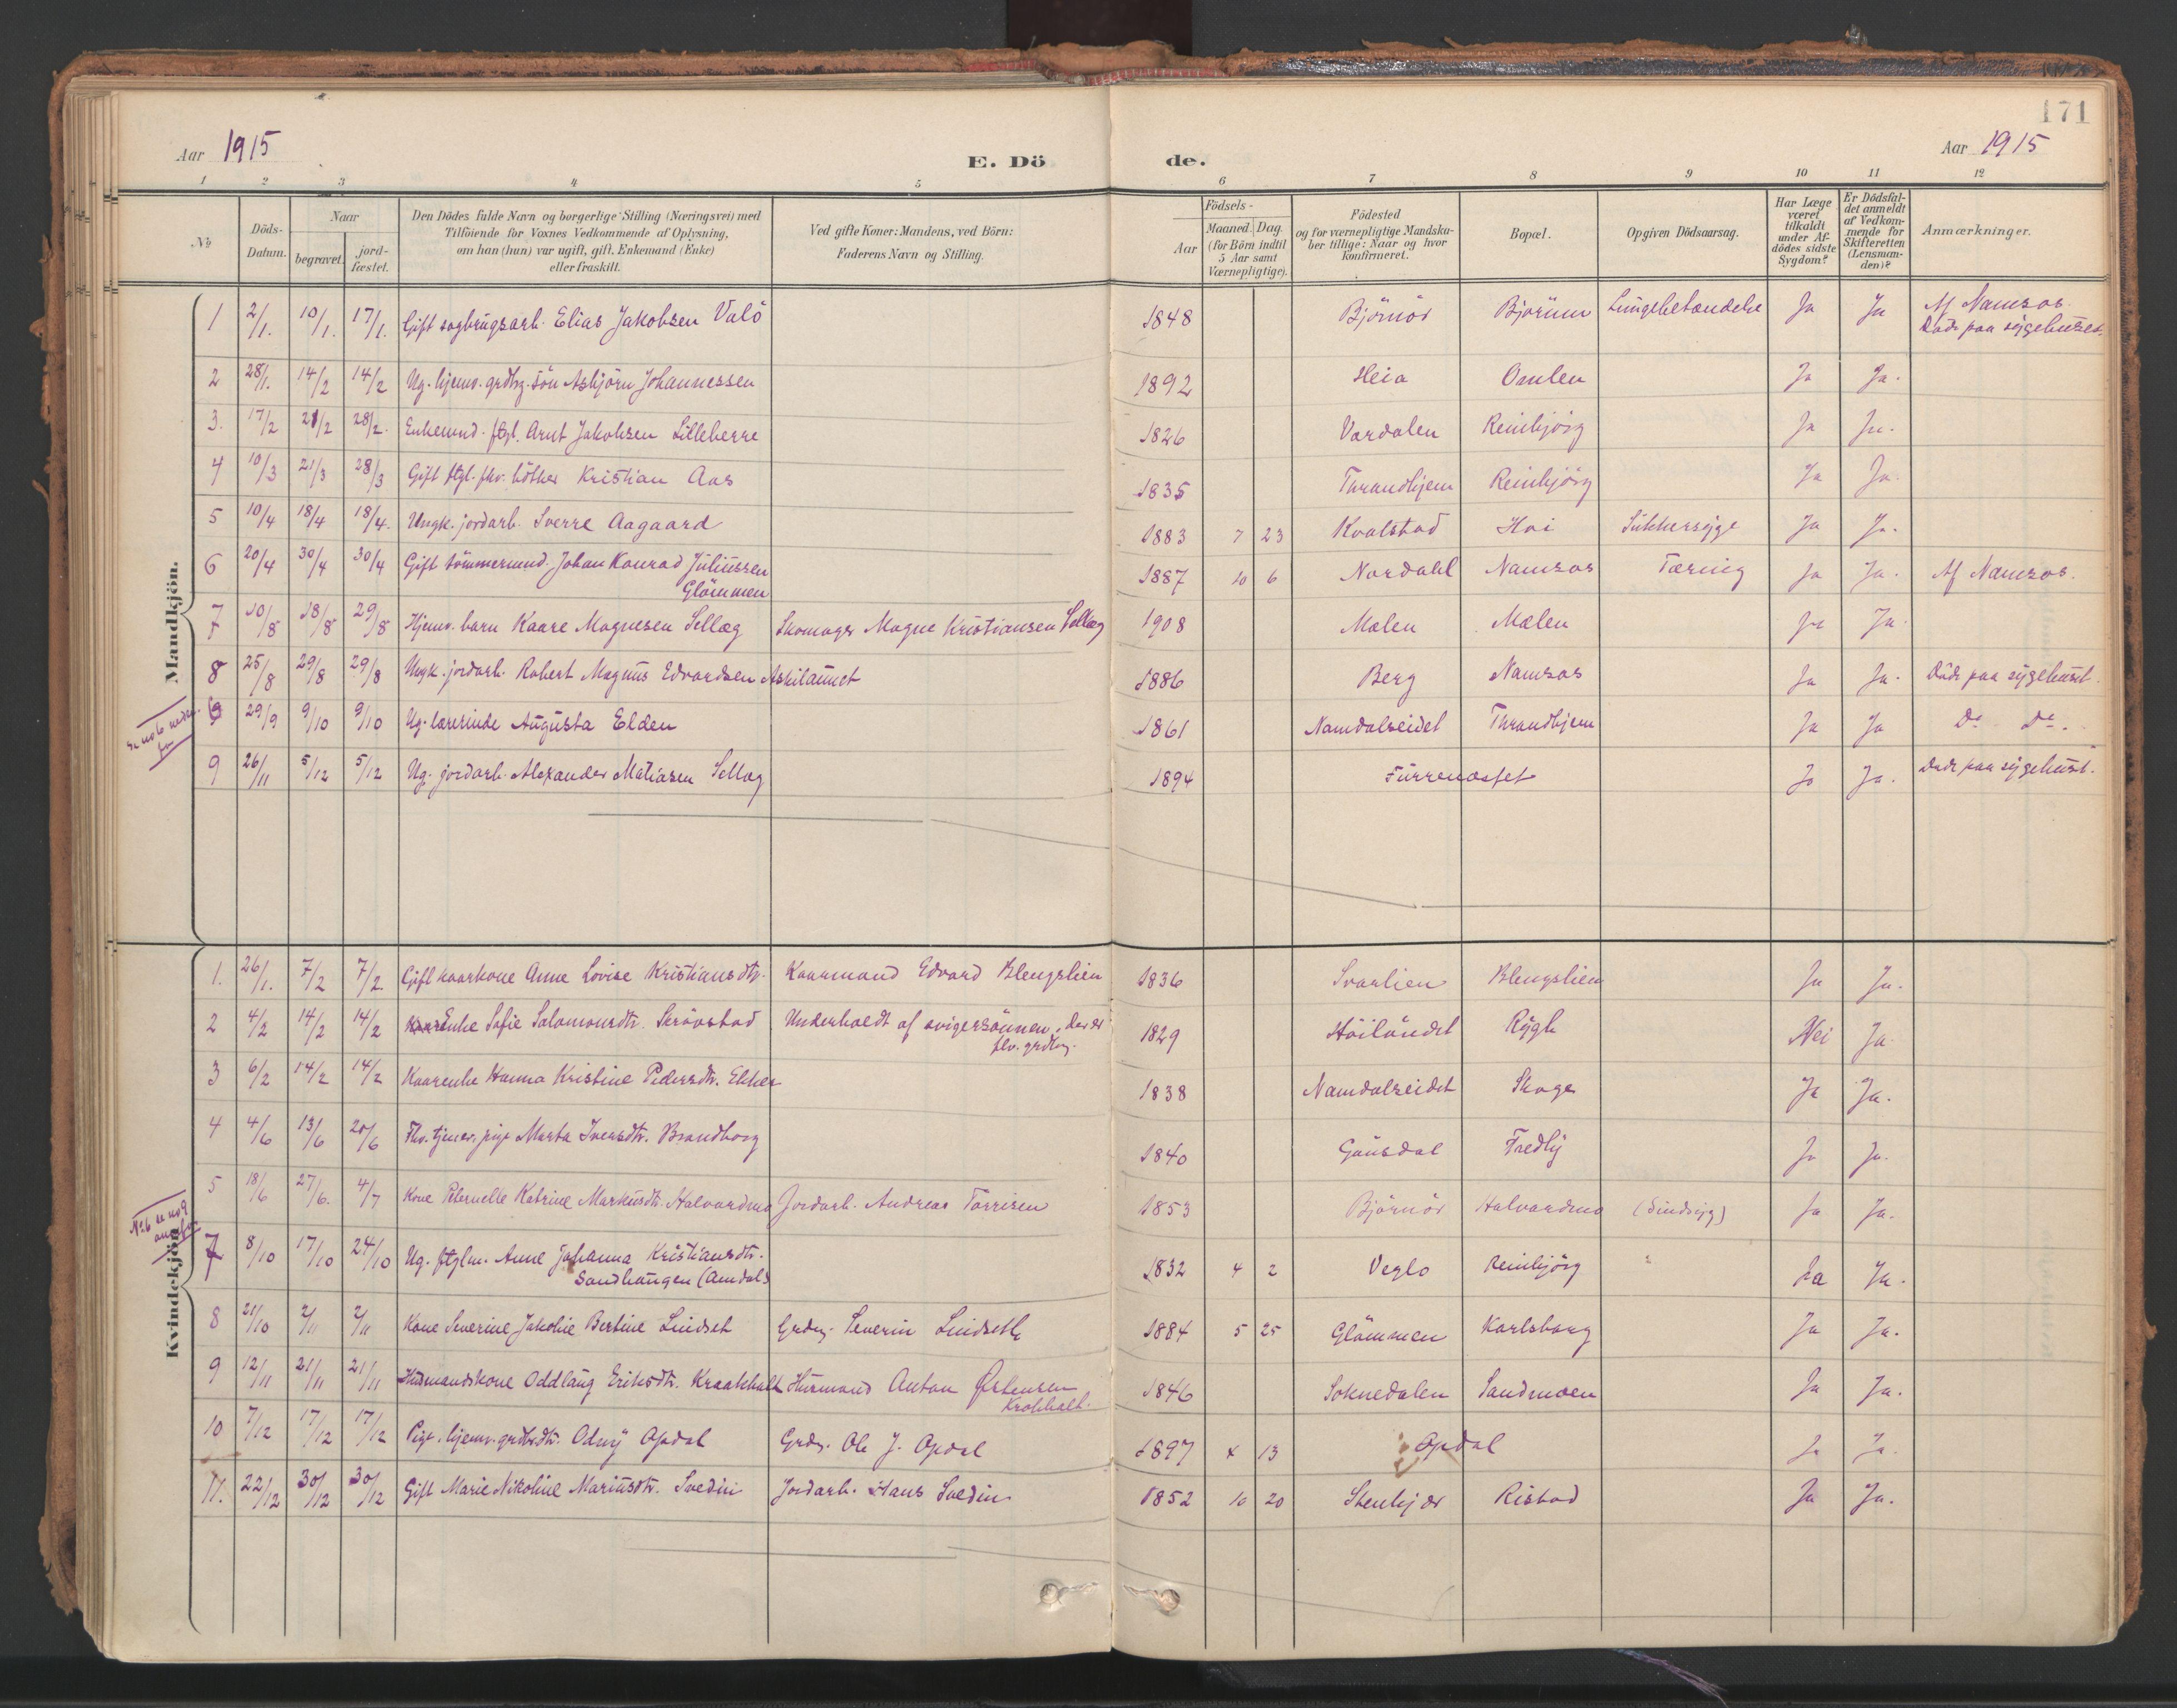 SAT, Ministerialprotokoller, klokkerbøker og fødselsregistre - Nord-Trøndelag, 766/L0564: Ministerialbok nr. 767A02, 1900-1932, s. 171